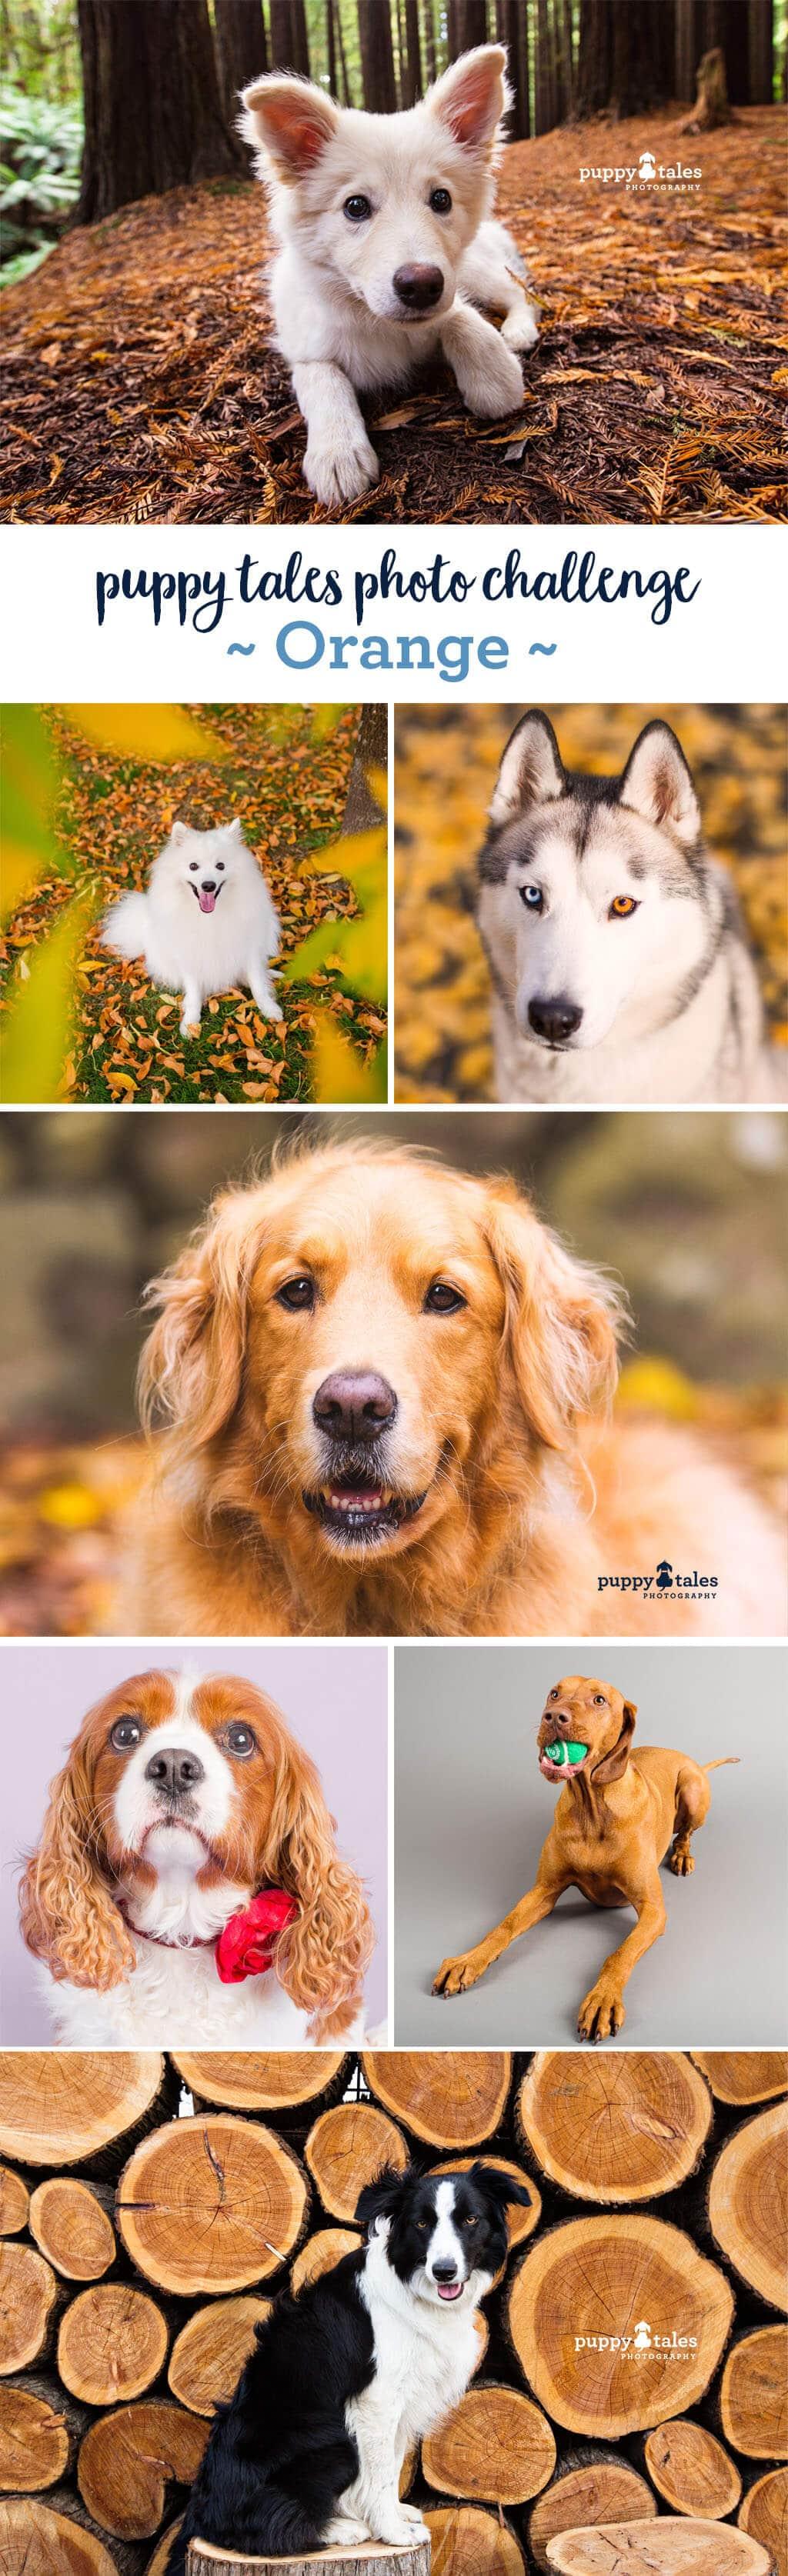 Puppy Tales Photo Challenge ~ Orange